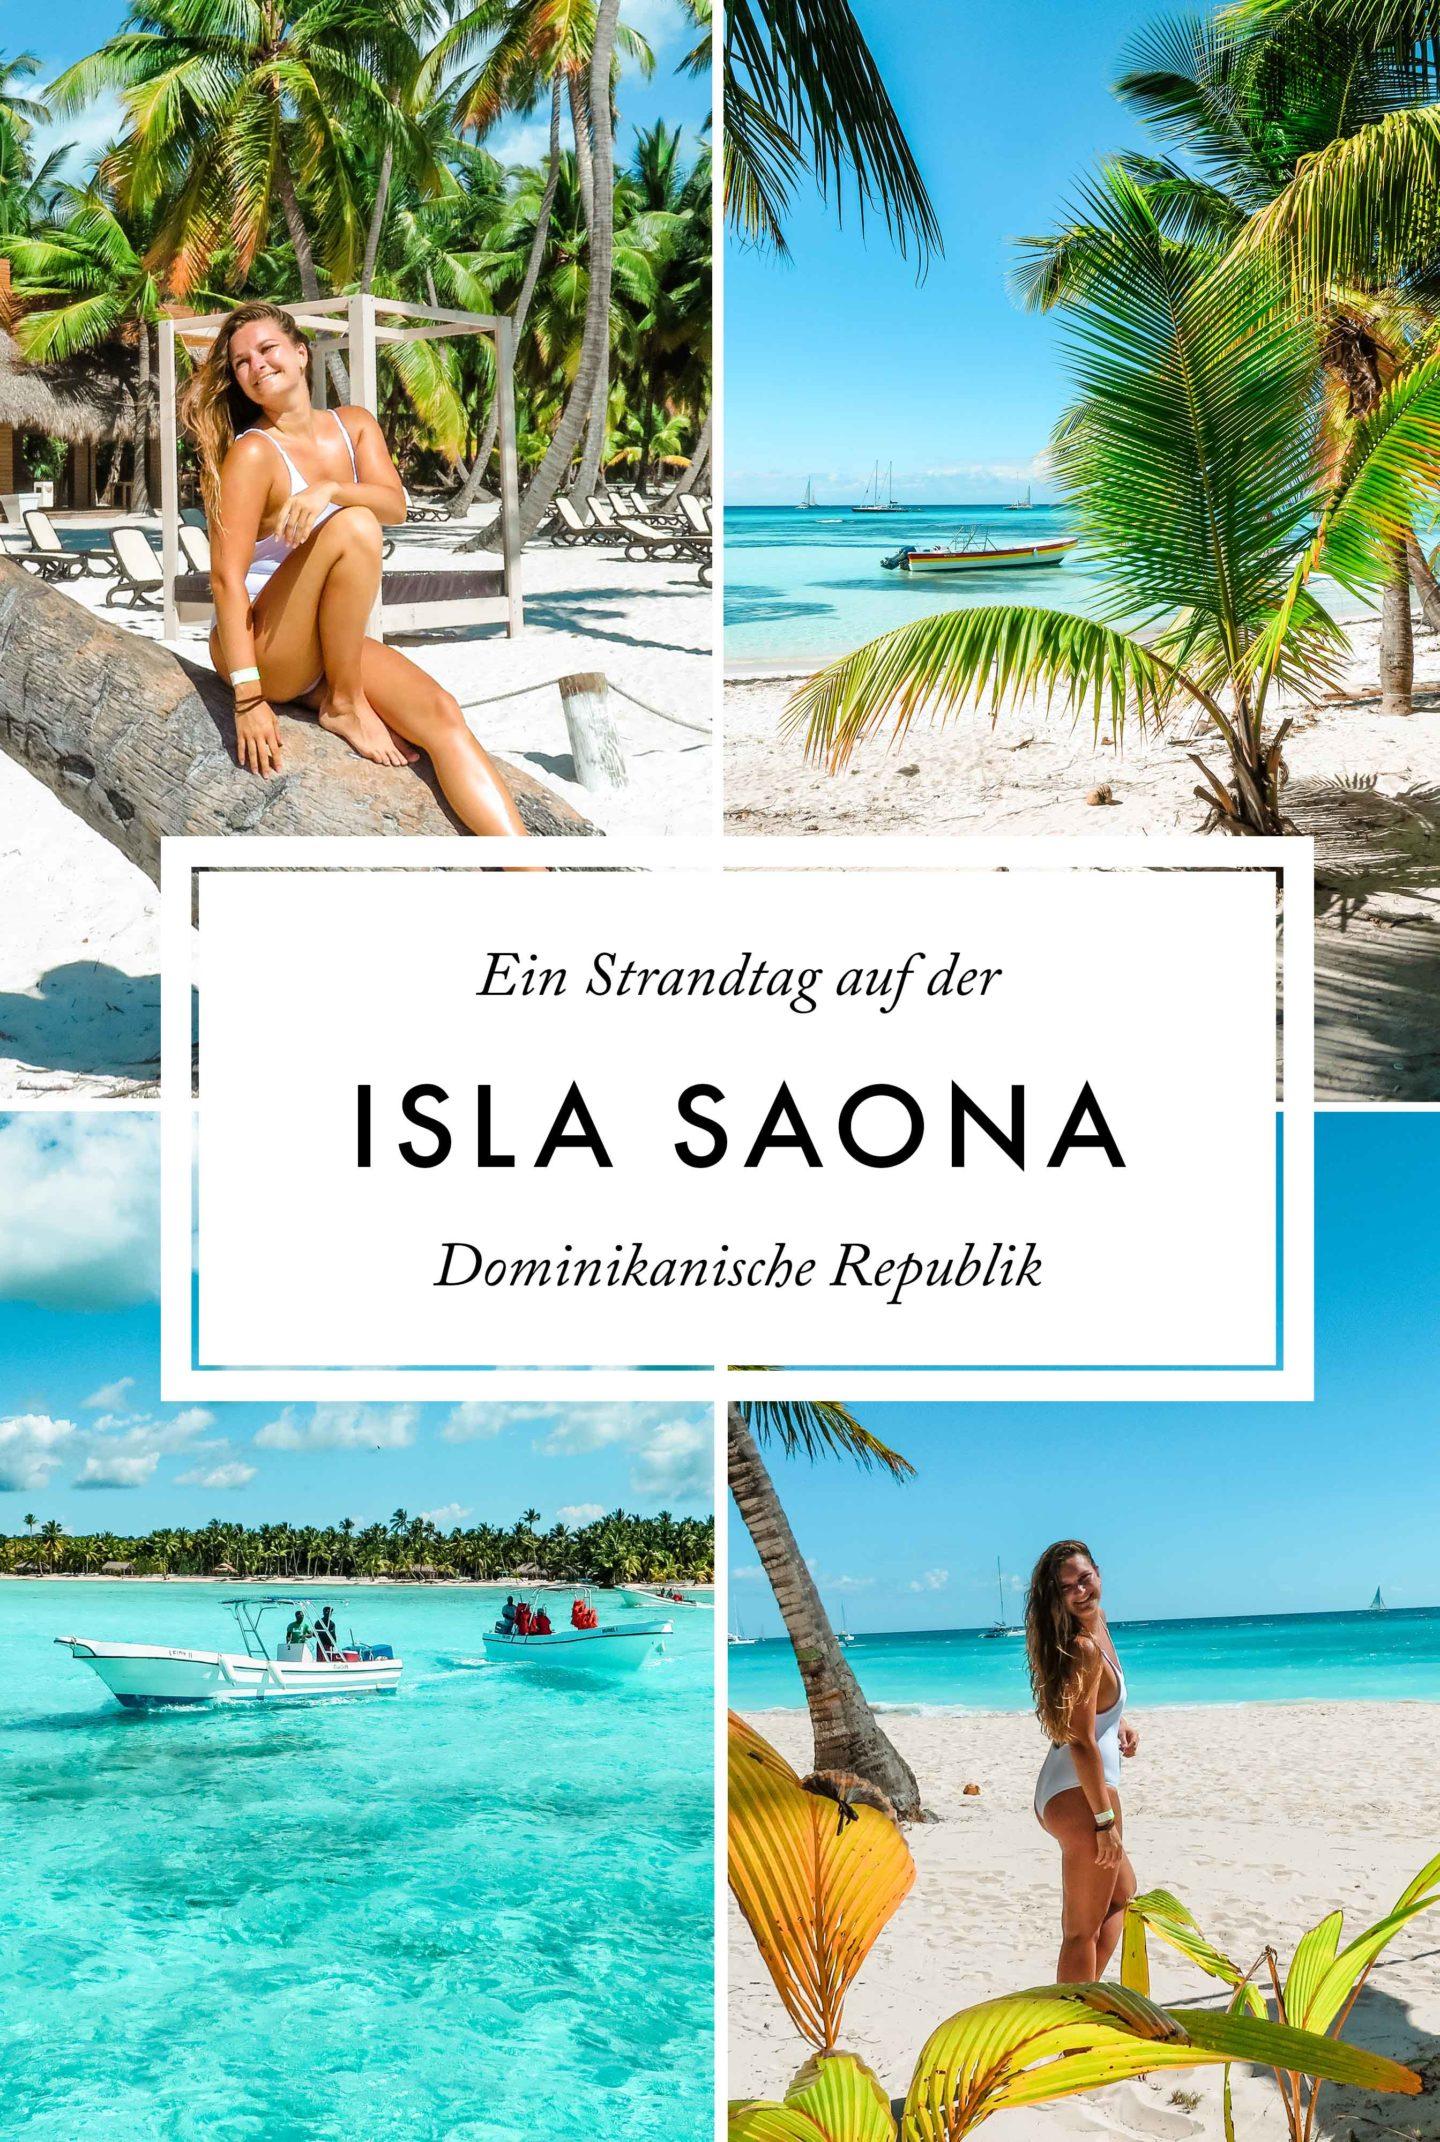 Karibik Kreuzfahrt Dominikanische Republik Isla Saona